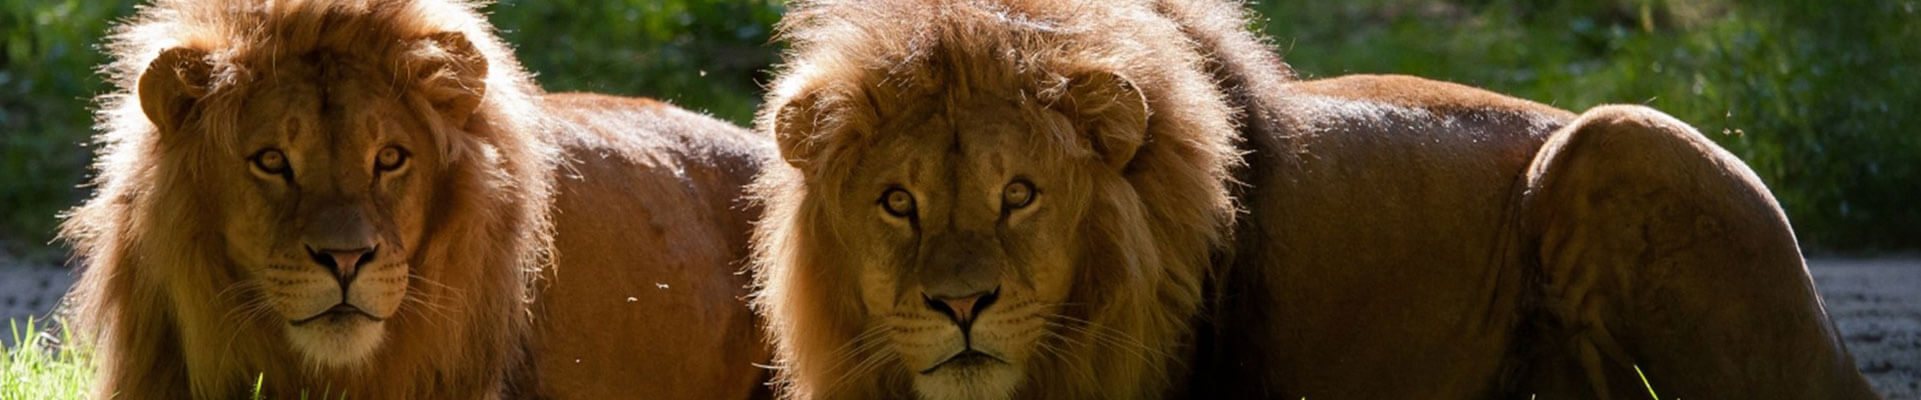 leeuwen banner